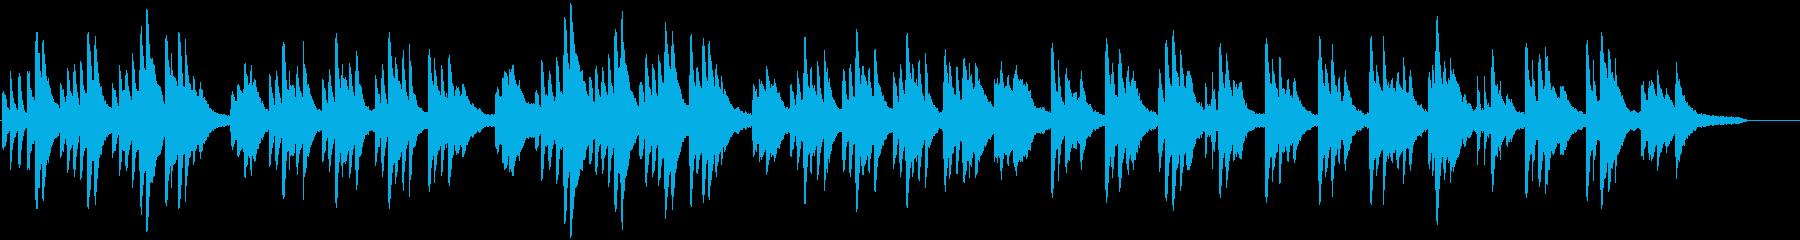 ピアノの優しい曲02の再生済みの波形